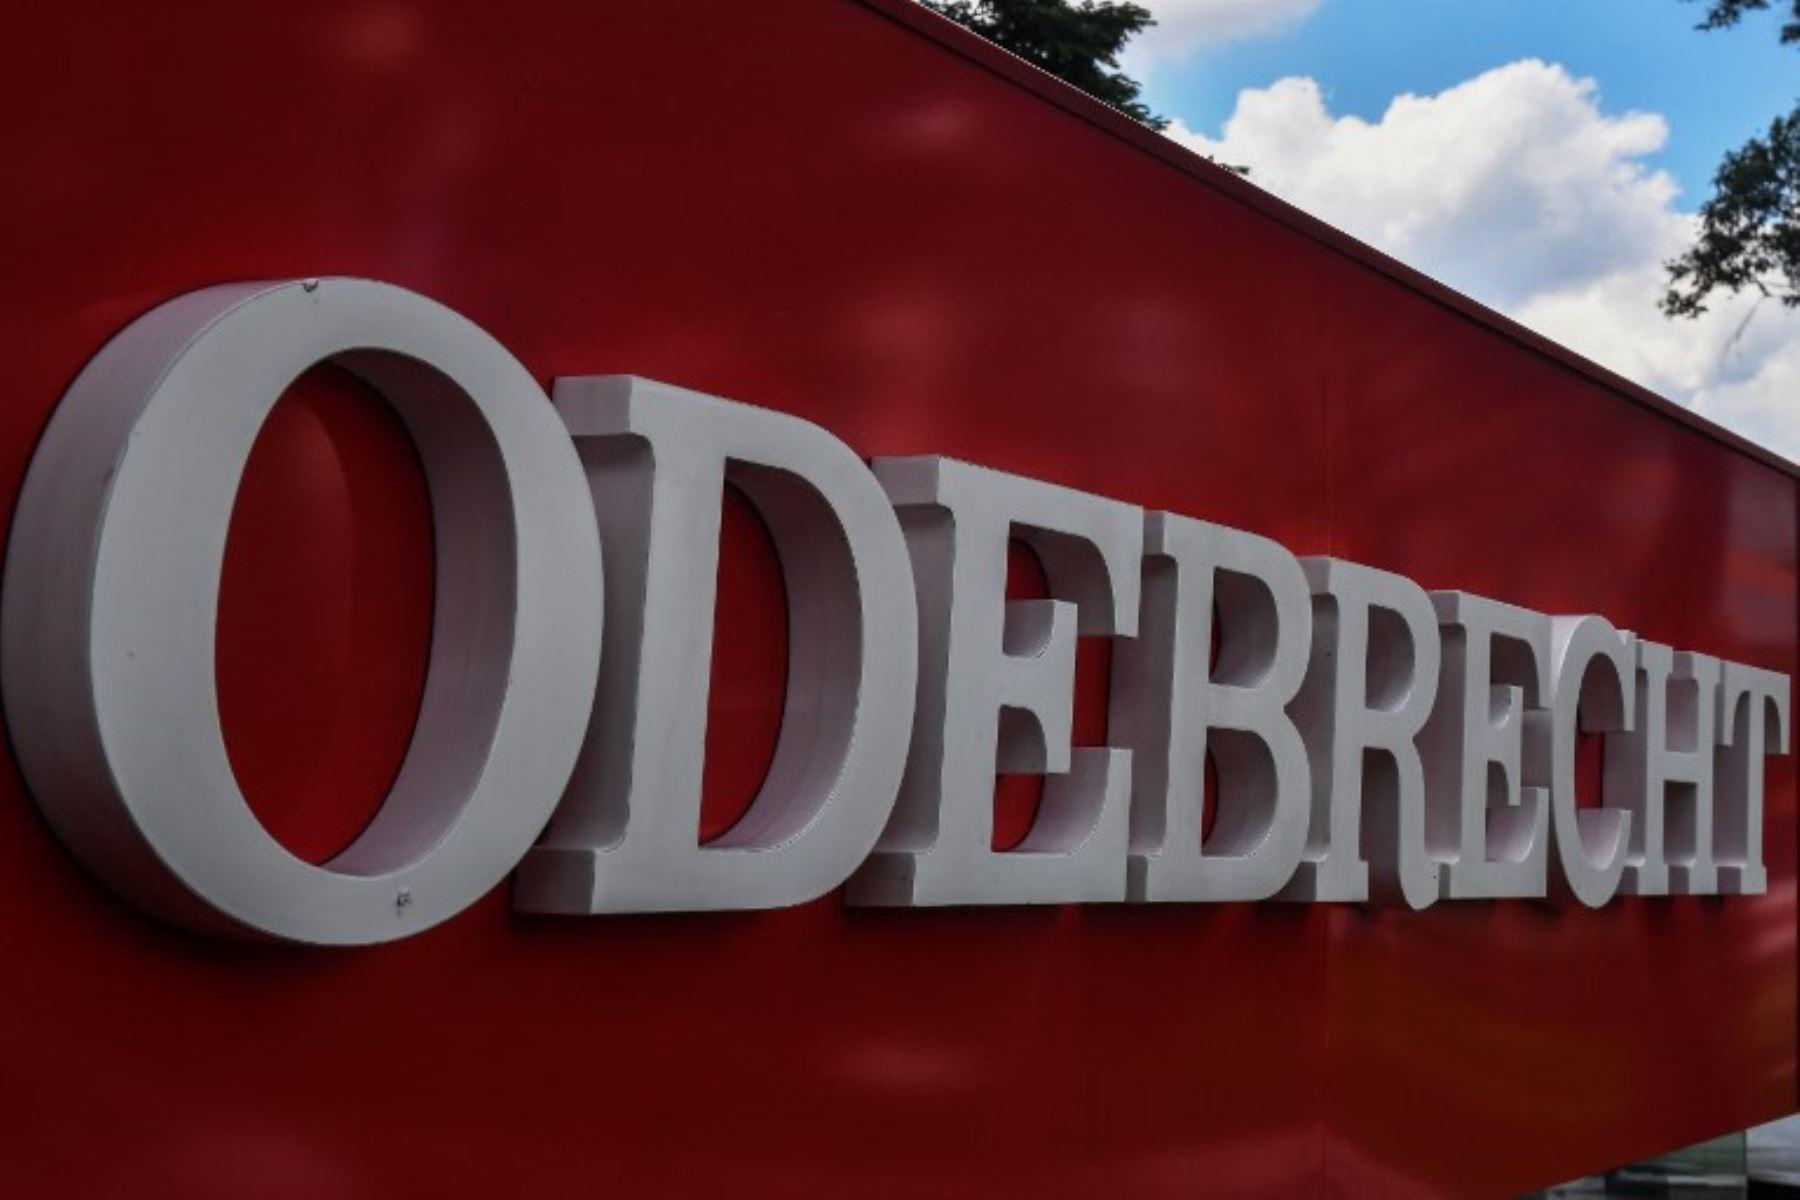 El presidente de Perú afirma que acuerdo con Odebrecht era